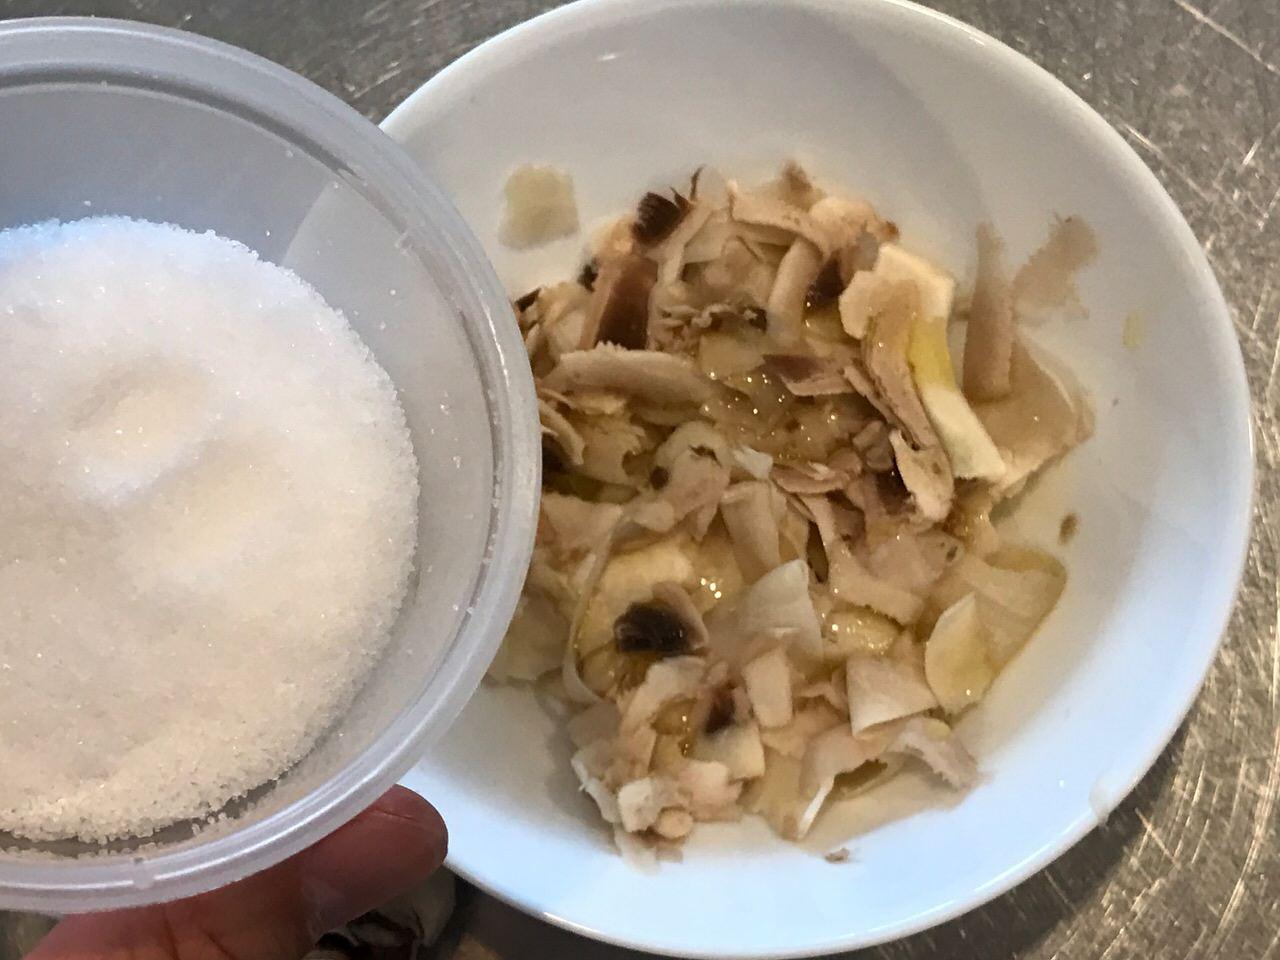 Mashroom oliveoil salt 1575